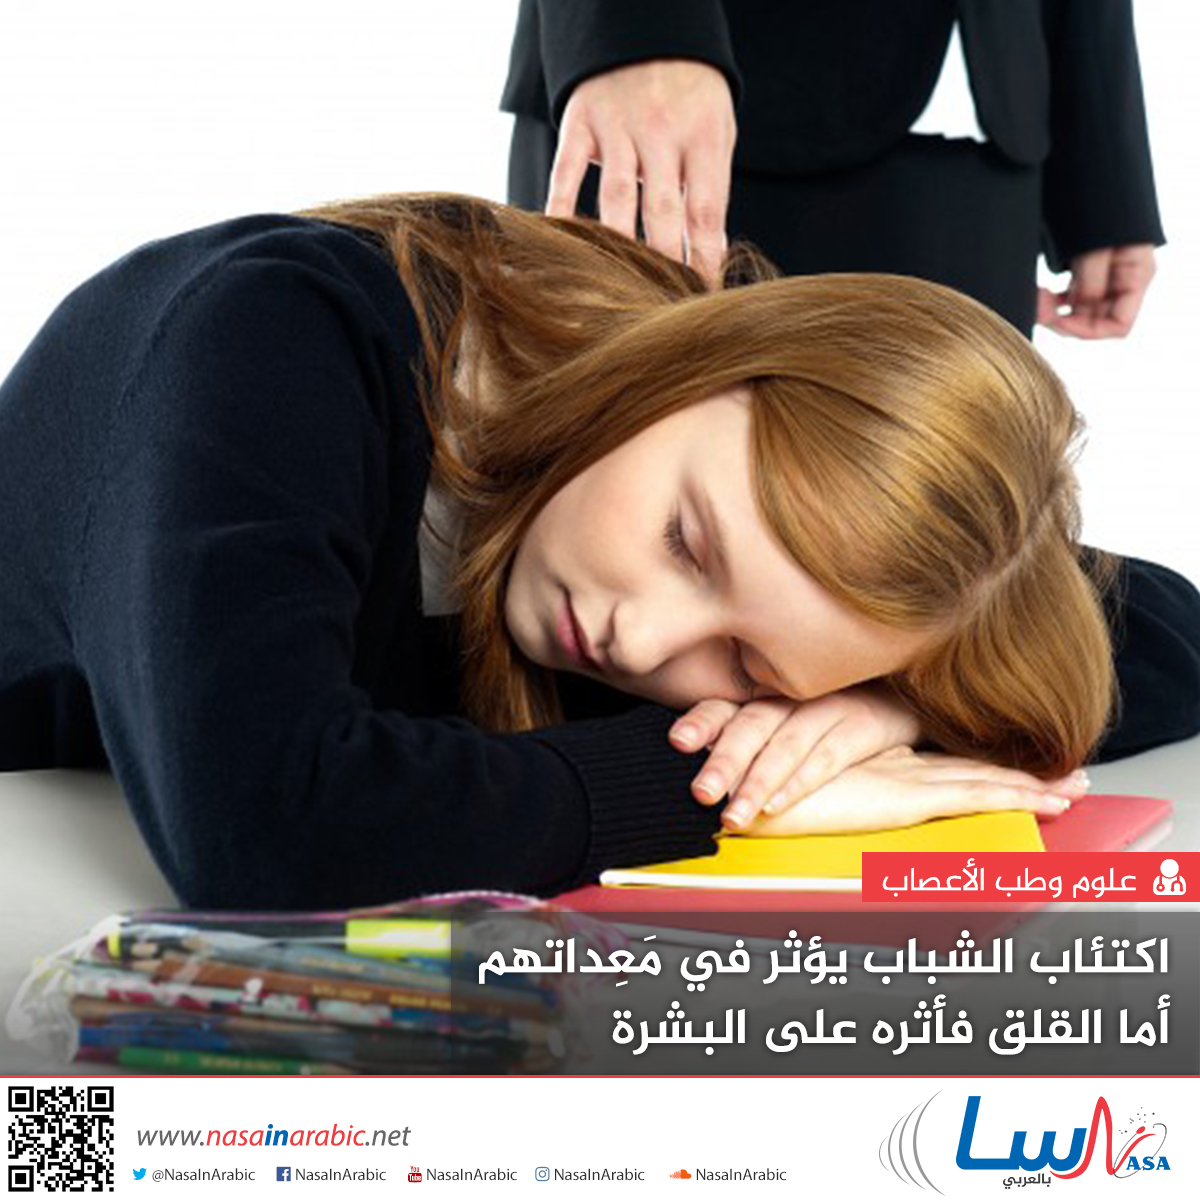 اكتئاب الشباب يؤثر في معداتهم، أما القلق فأثره على البشرة